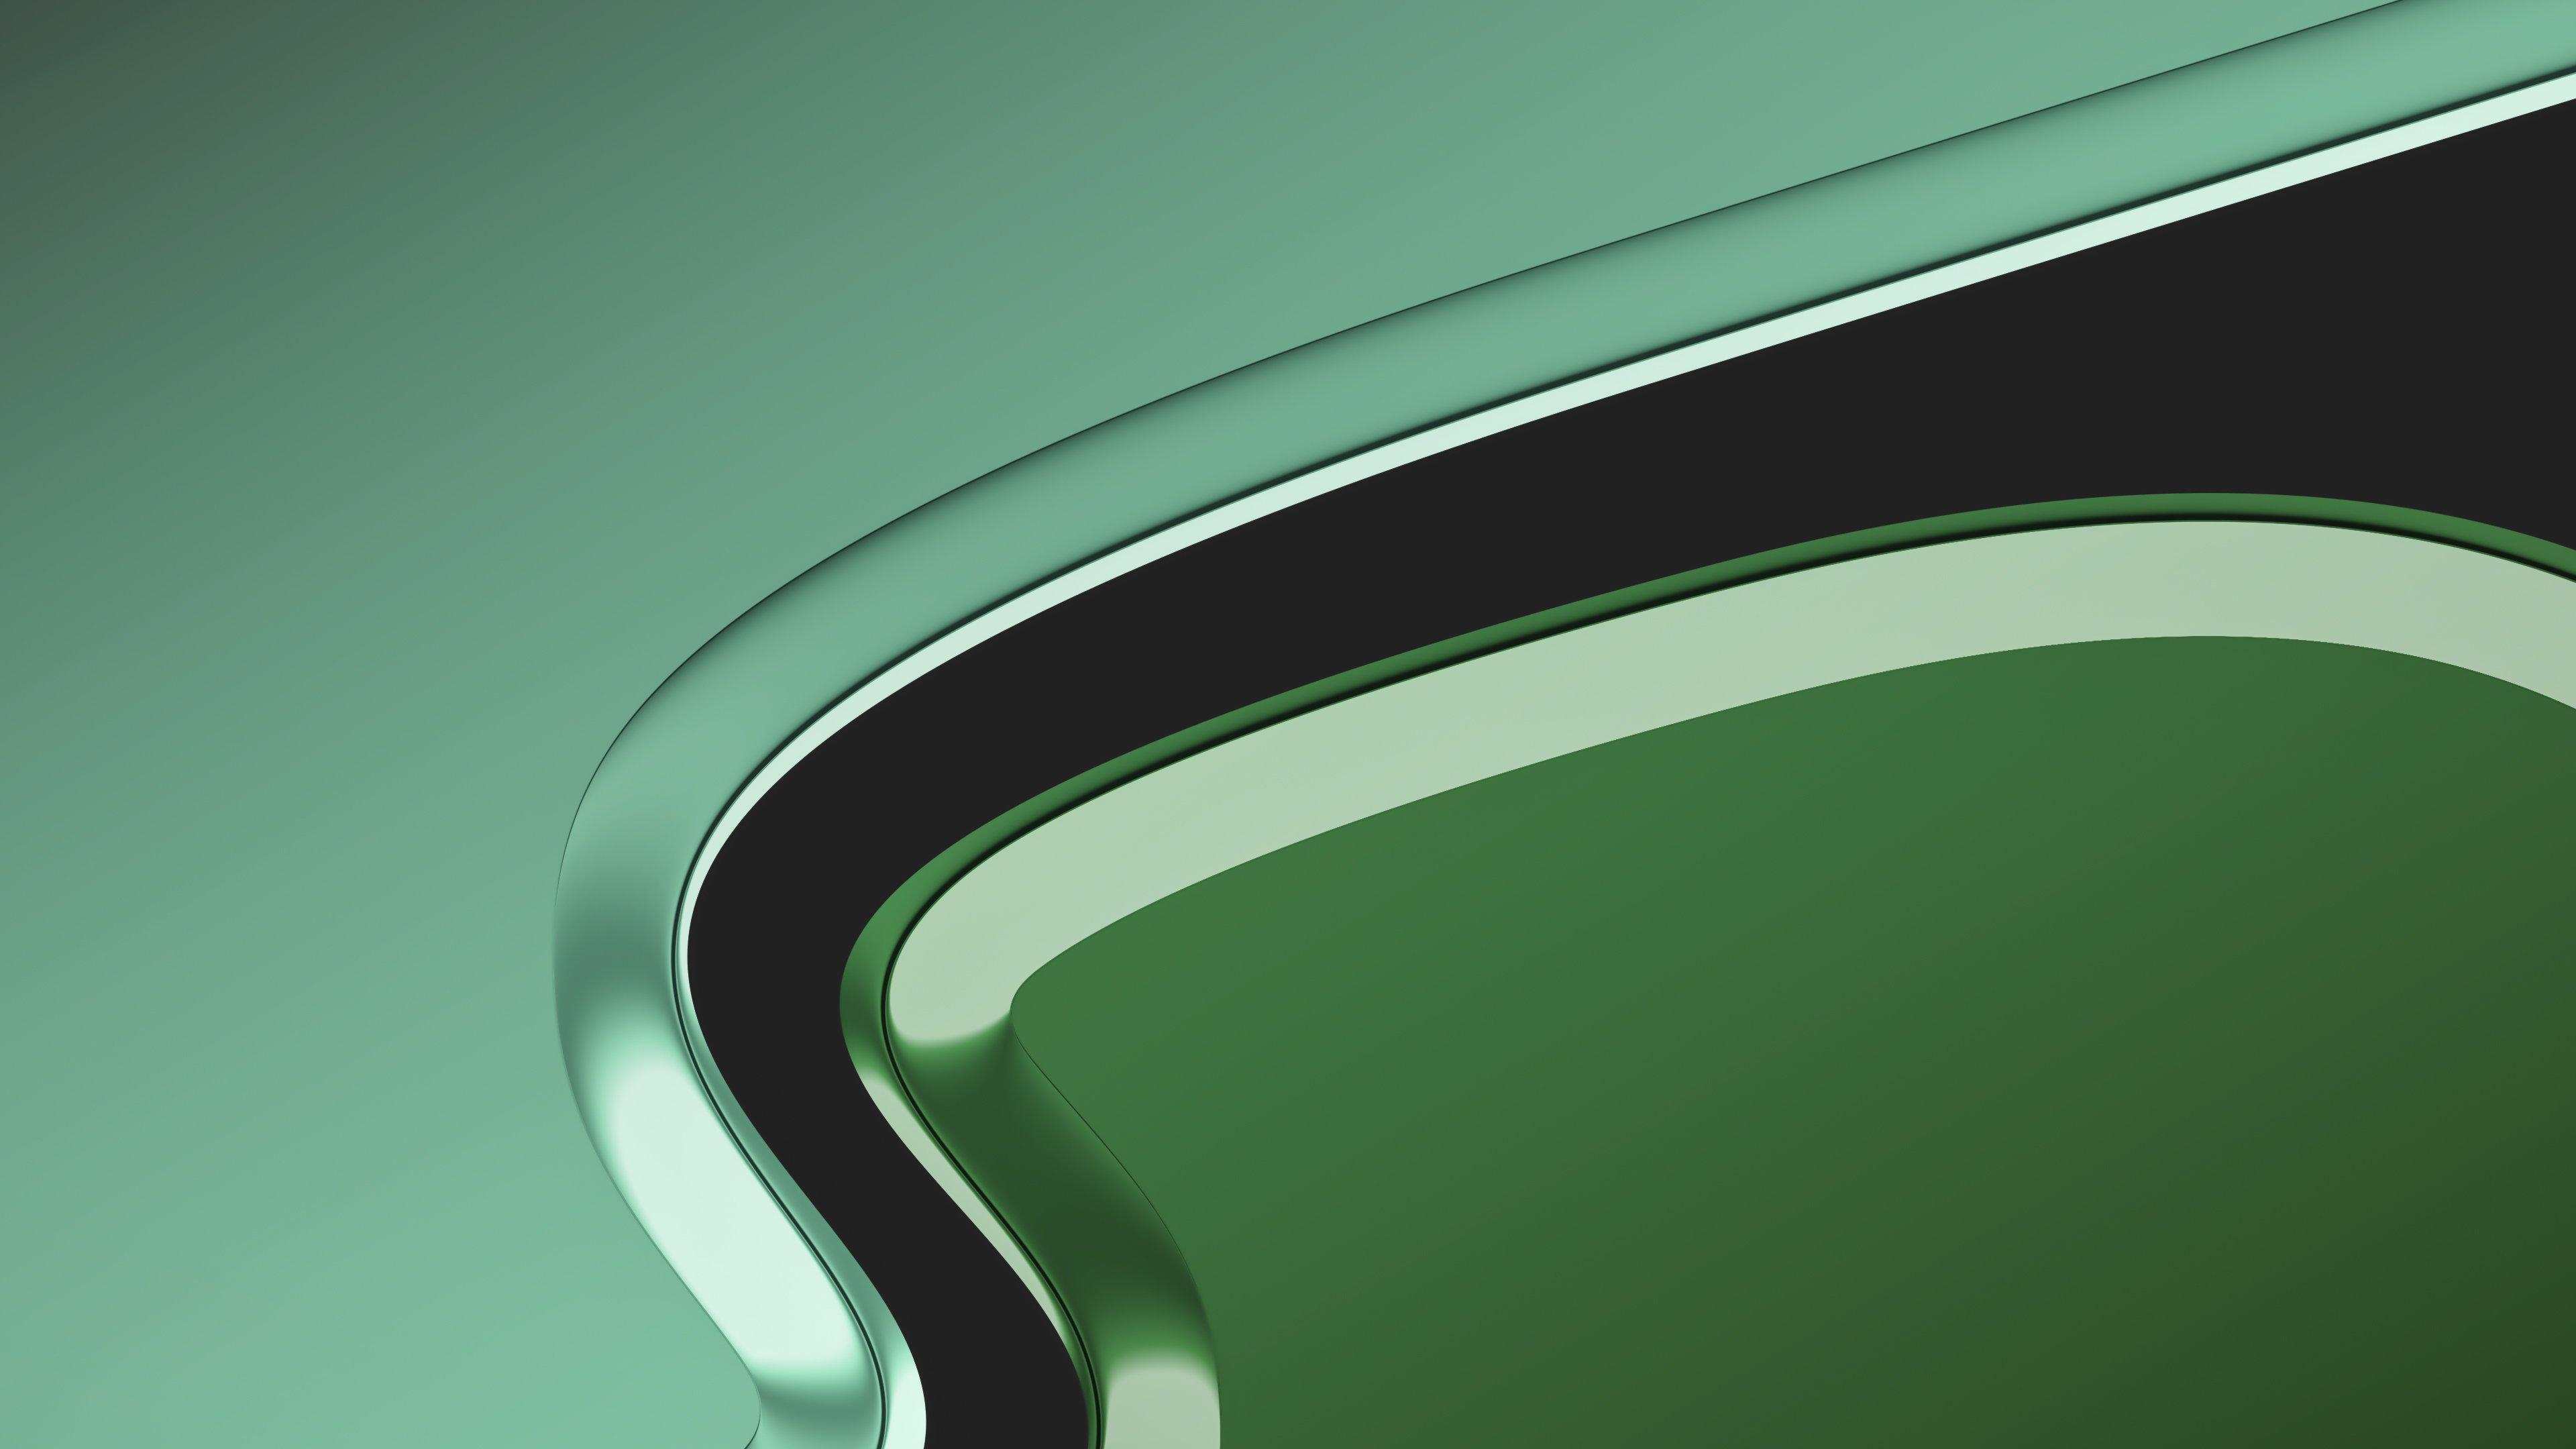 Fondos de pantalla Color verde fluido